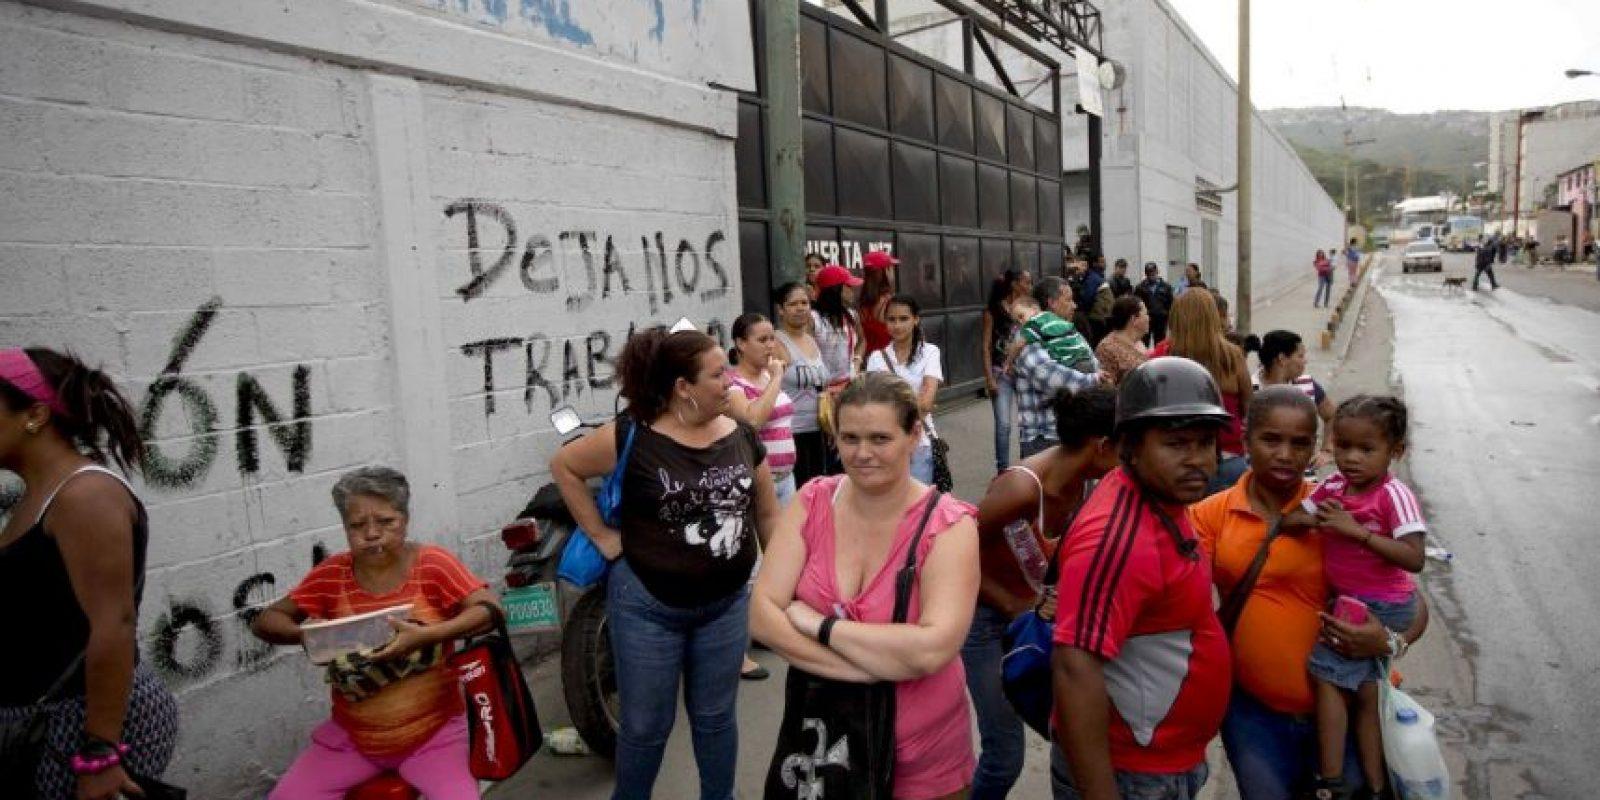 Las largas colas para comprar alimentos y productos de primera necesidad en Venezuela están empezando a ocasionar caos. Foto:AP